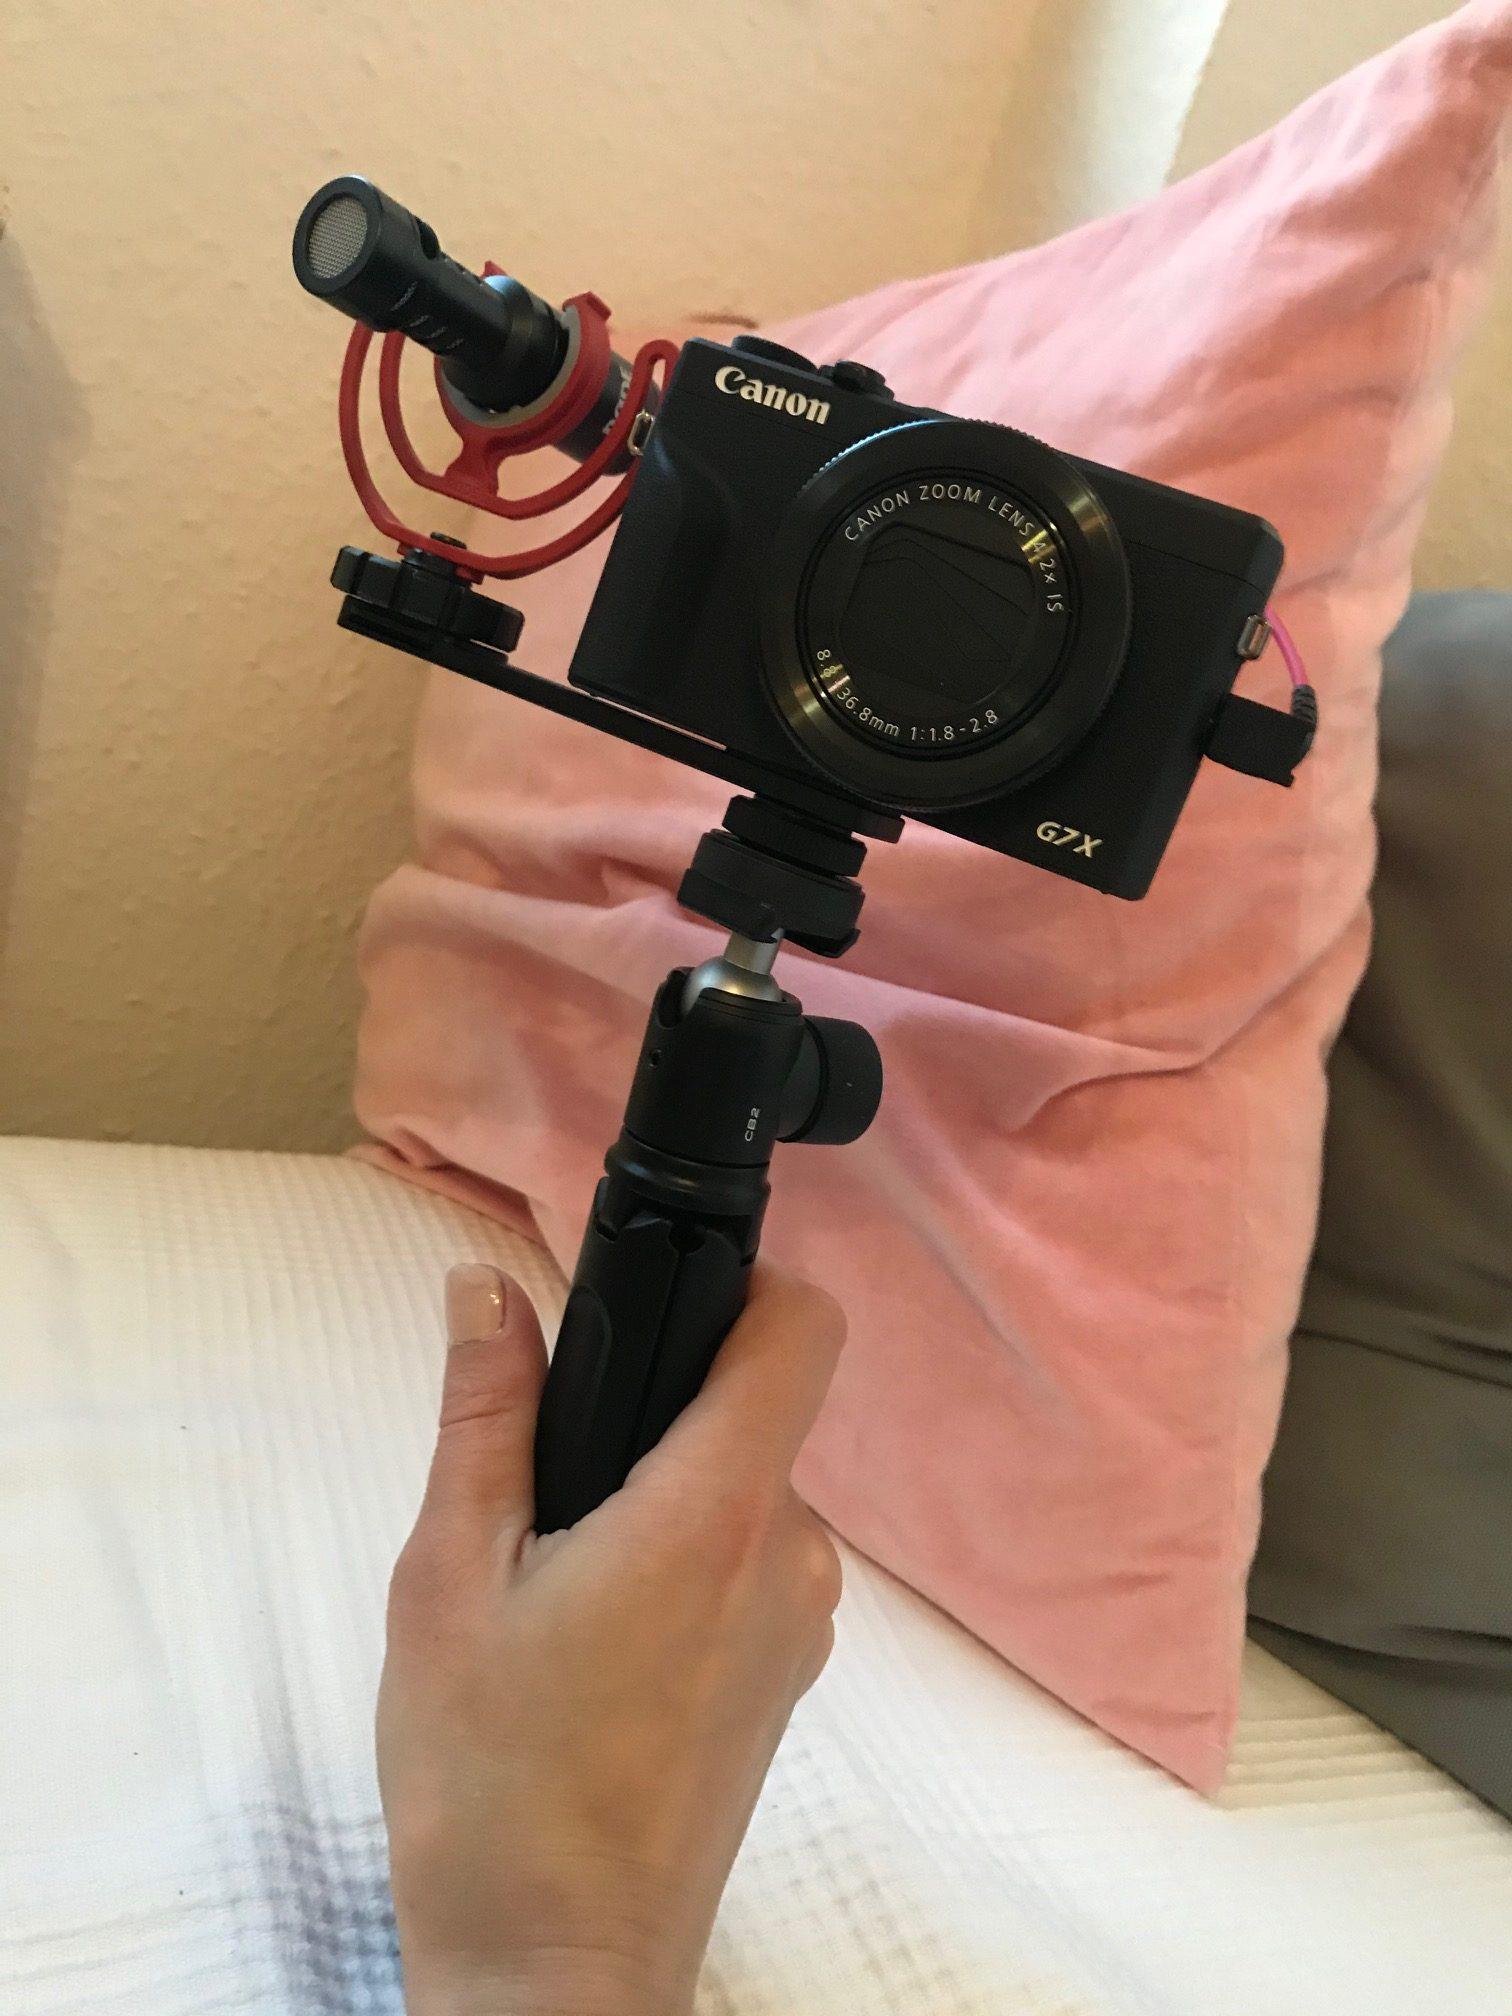 Neue Kamera Canon Powershot G7X gekauft während der Low Buy Challenge